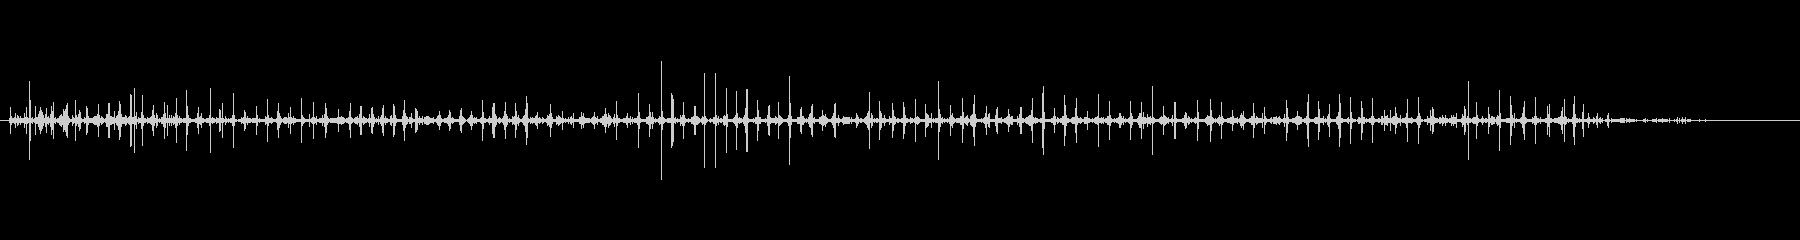 馬-柔らかい表面-連続-トロタの未再生の波形